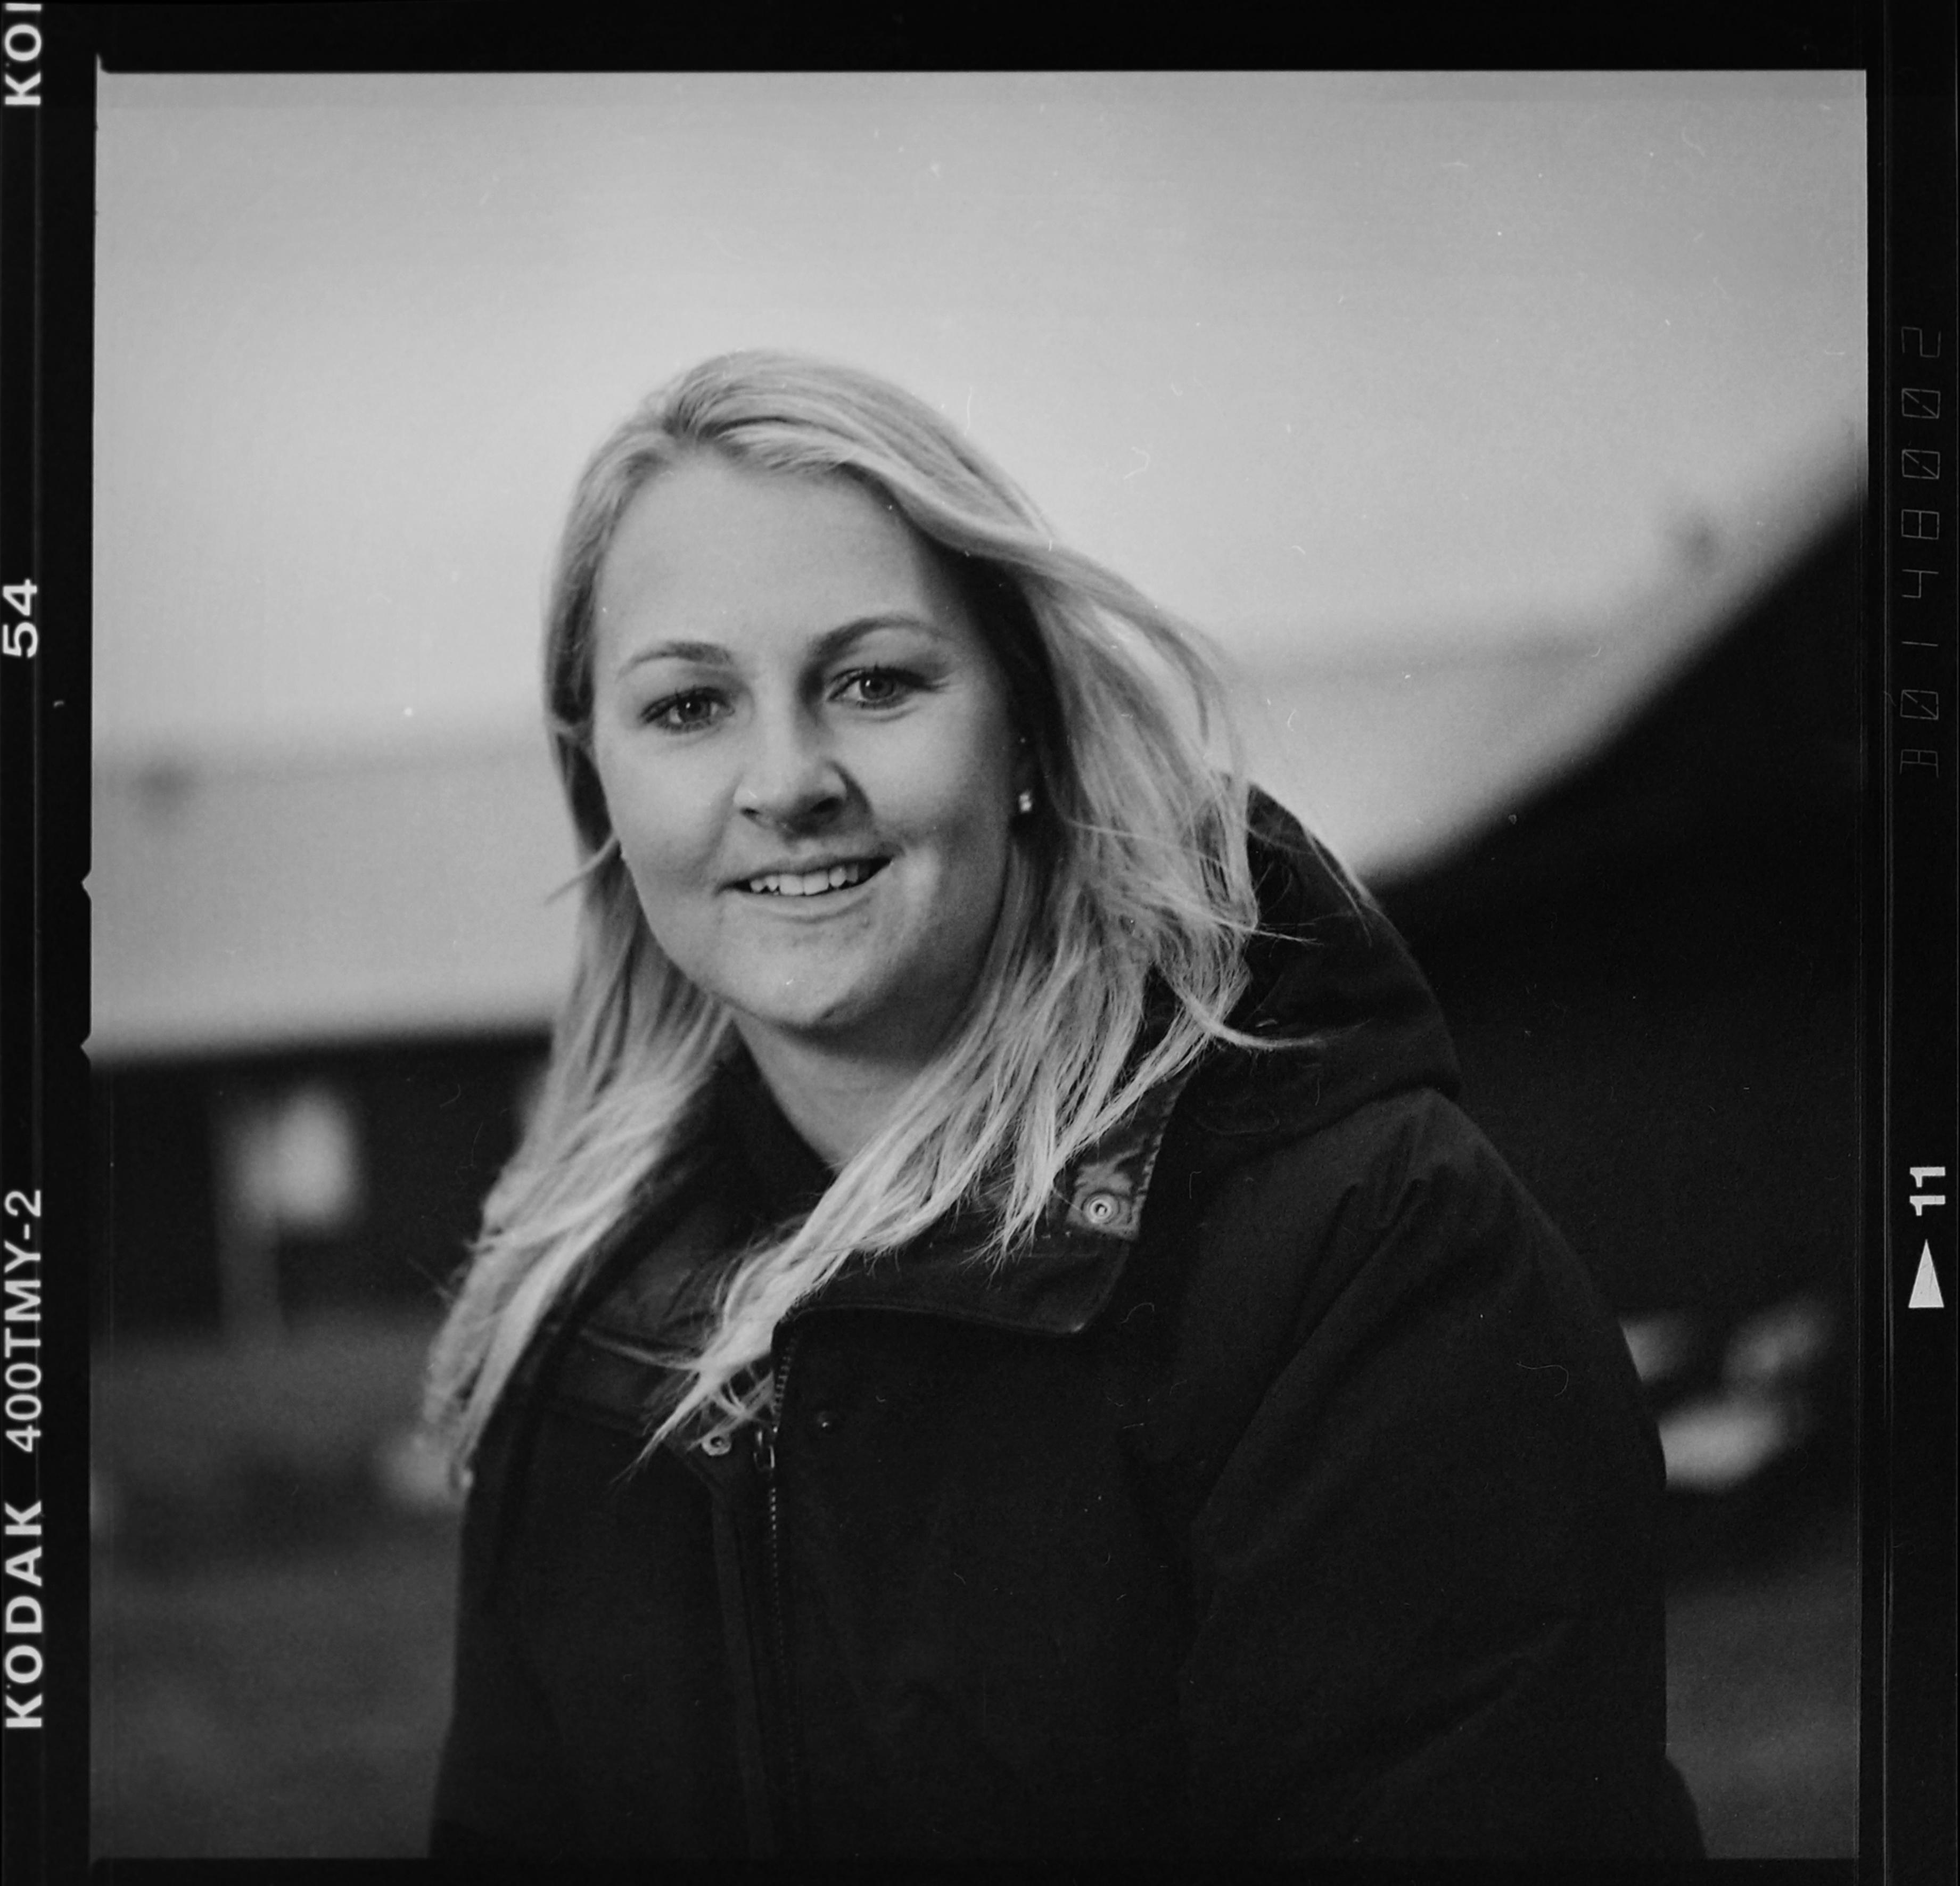 Svartvitt porträtt av Anna Nordqvist. Golfproffset från Torshälla. Foto: Mikael Andersson 21/12-2016, Hasselblad 500 cm, 150mm f4-1/60 sek ISO 400.